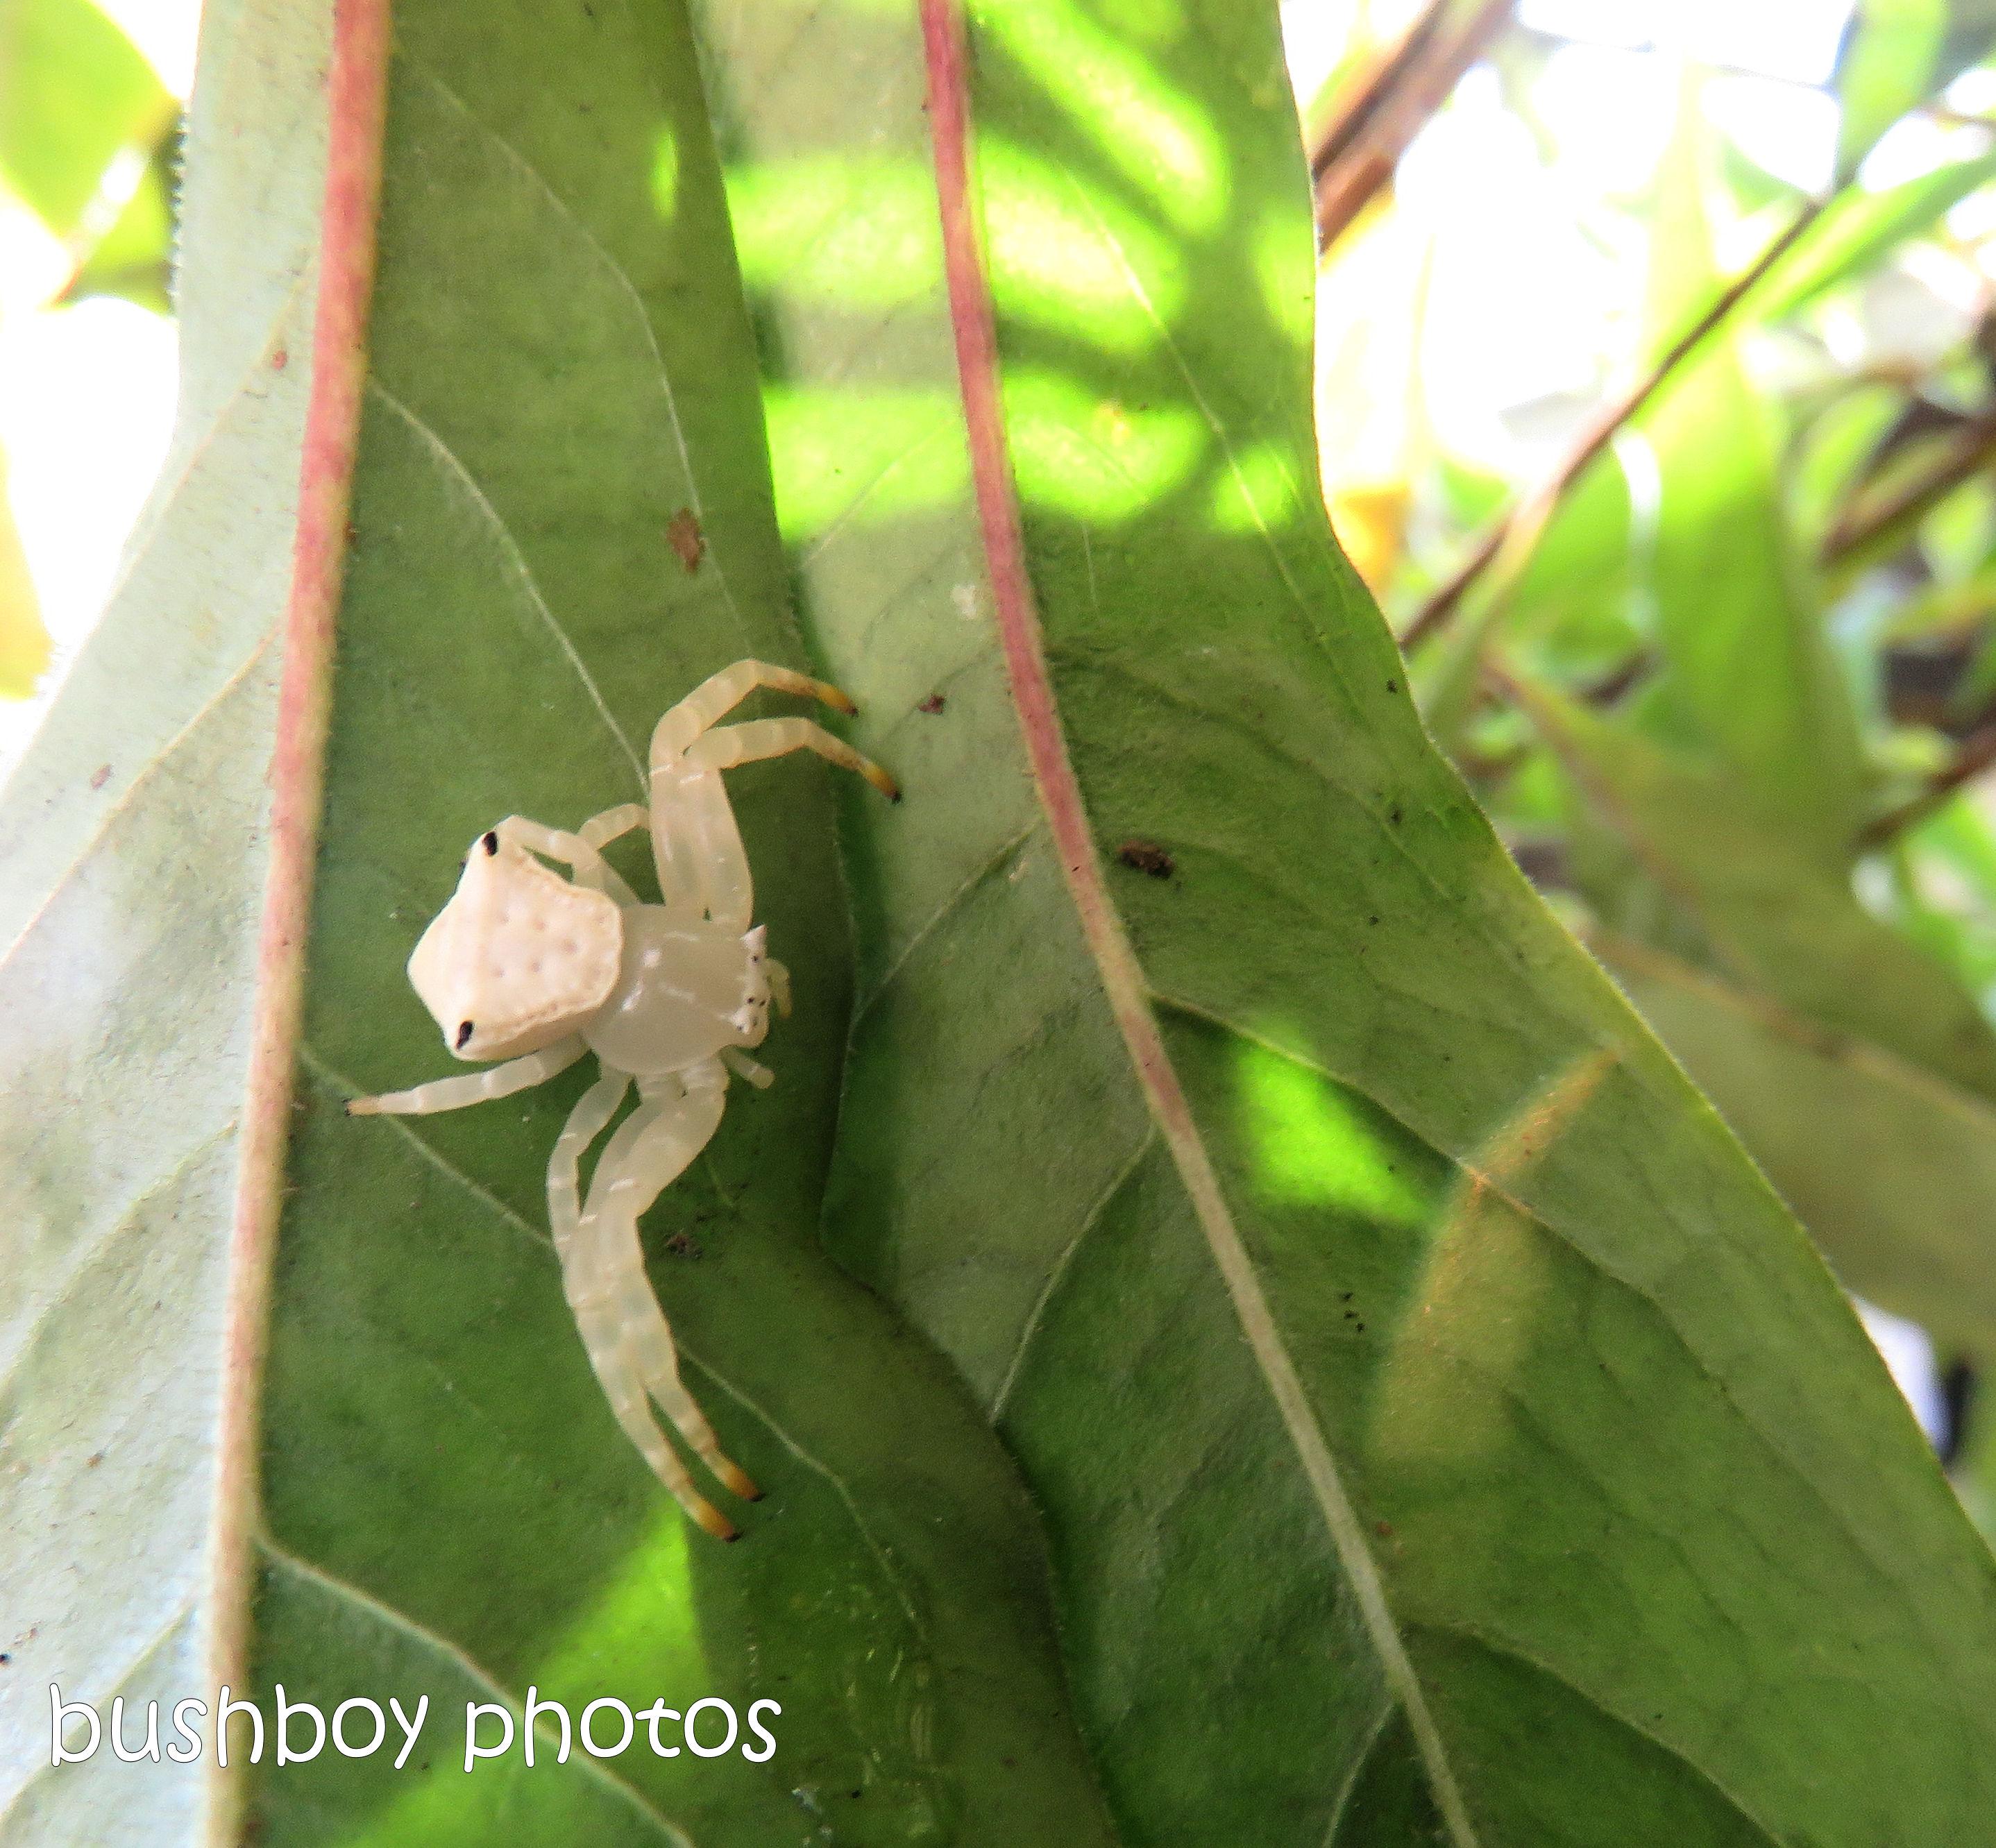 crab_spider_ghost_leaf_garden_named_home_nov 2018